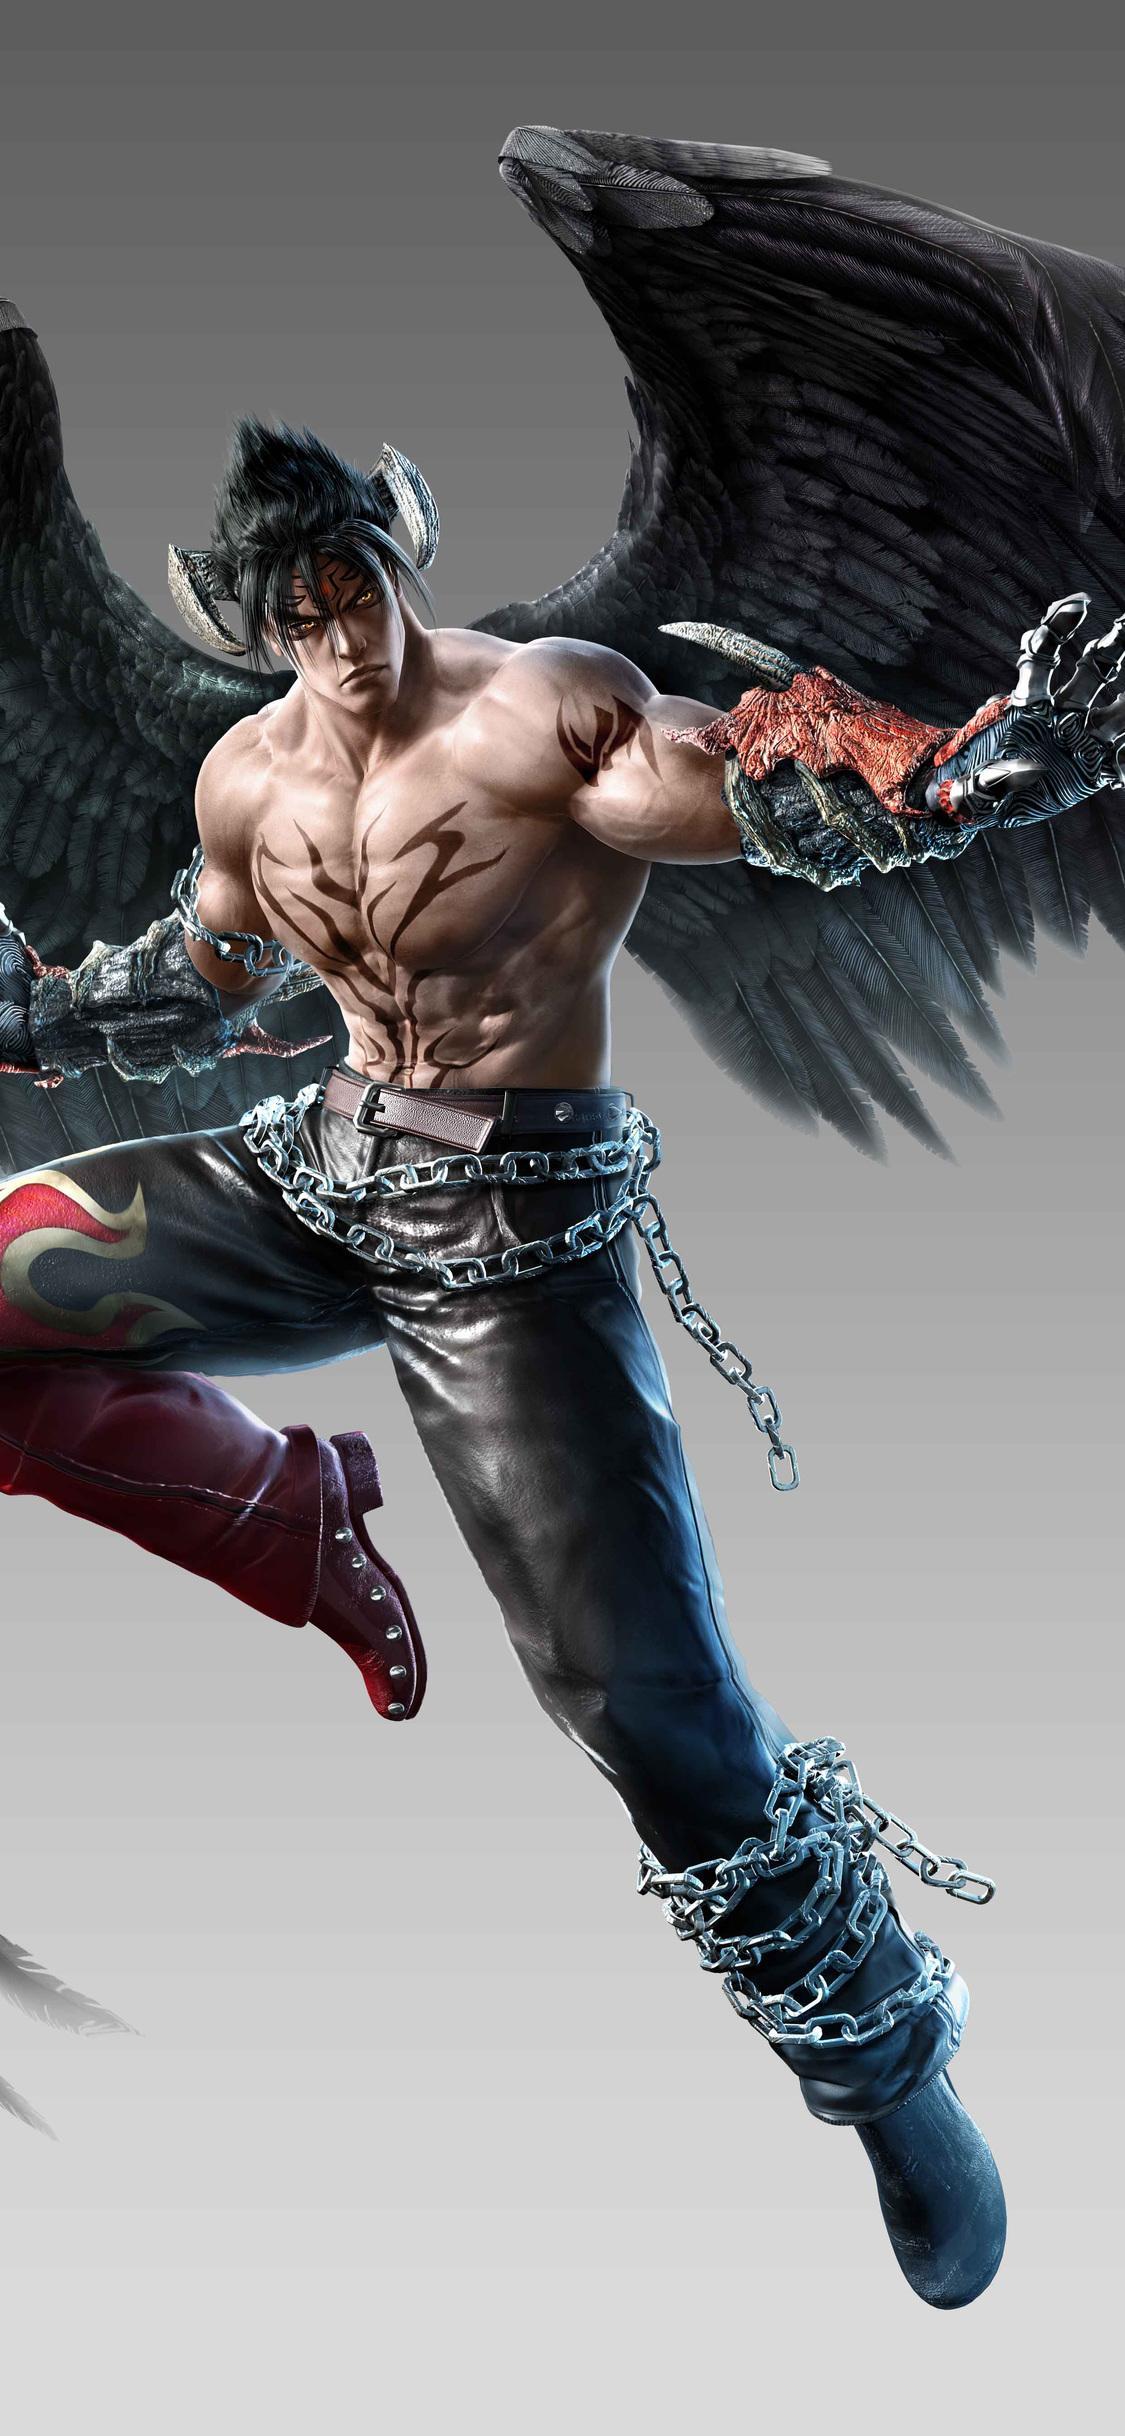 Tekken 6 hd wallpaper